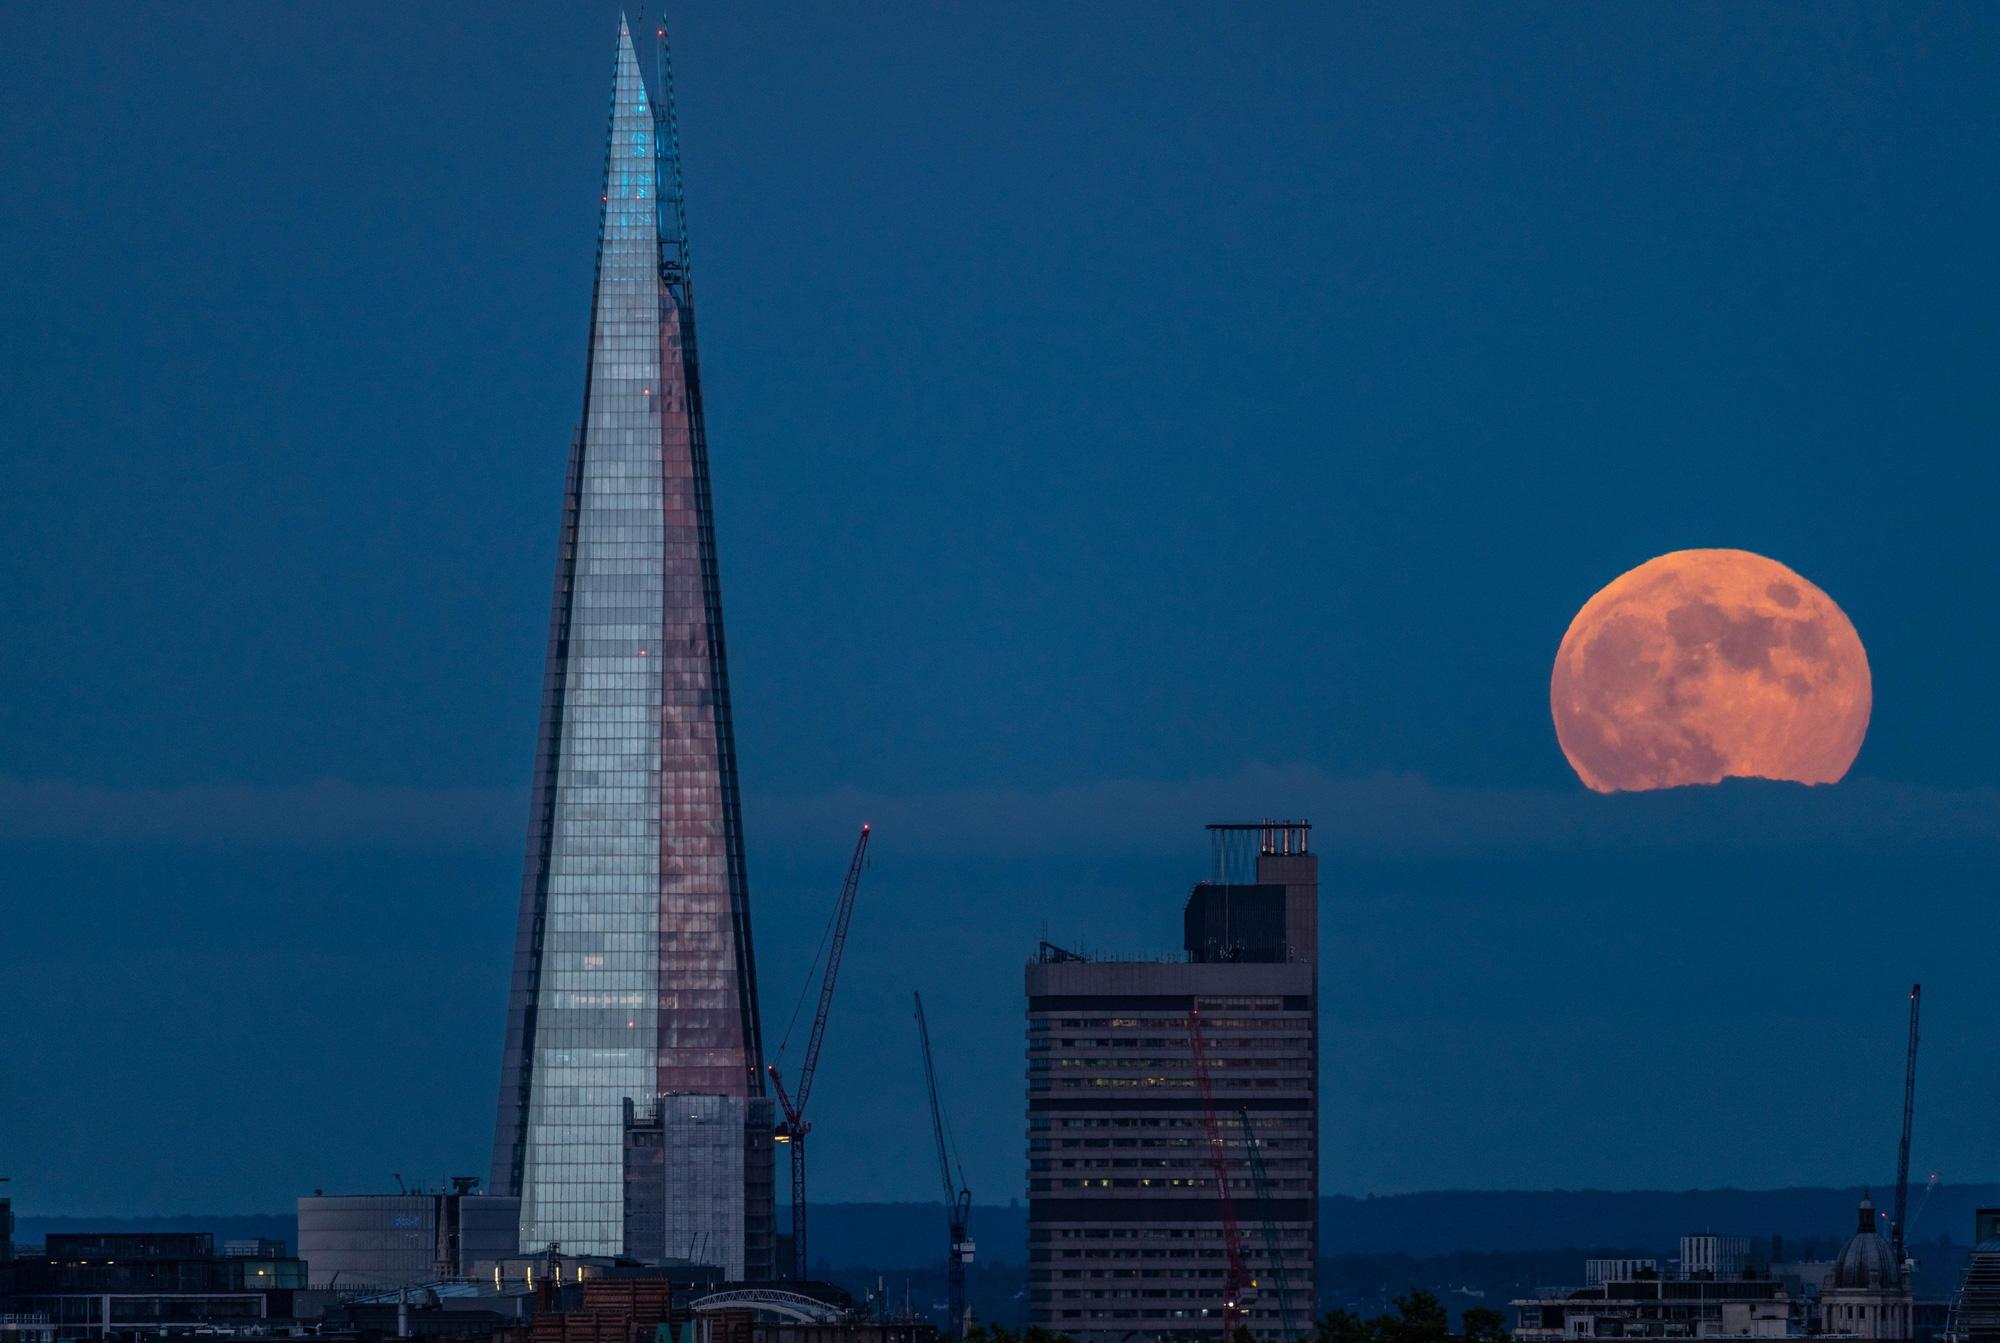 Ngất ngây với một loạt khoảnh khắc về hiện tượng mặt trăng dâu tây hiếm có diễn ra vào đêm qua, rạng sáng nay - Ảnh 2.